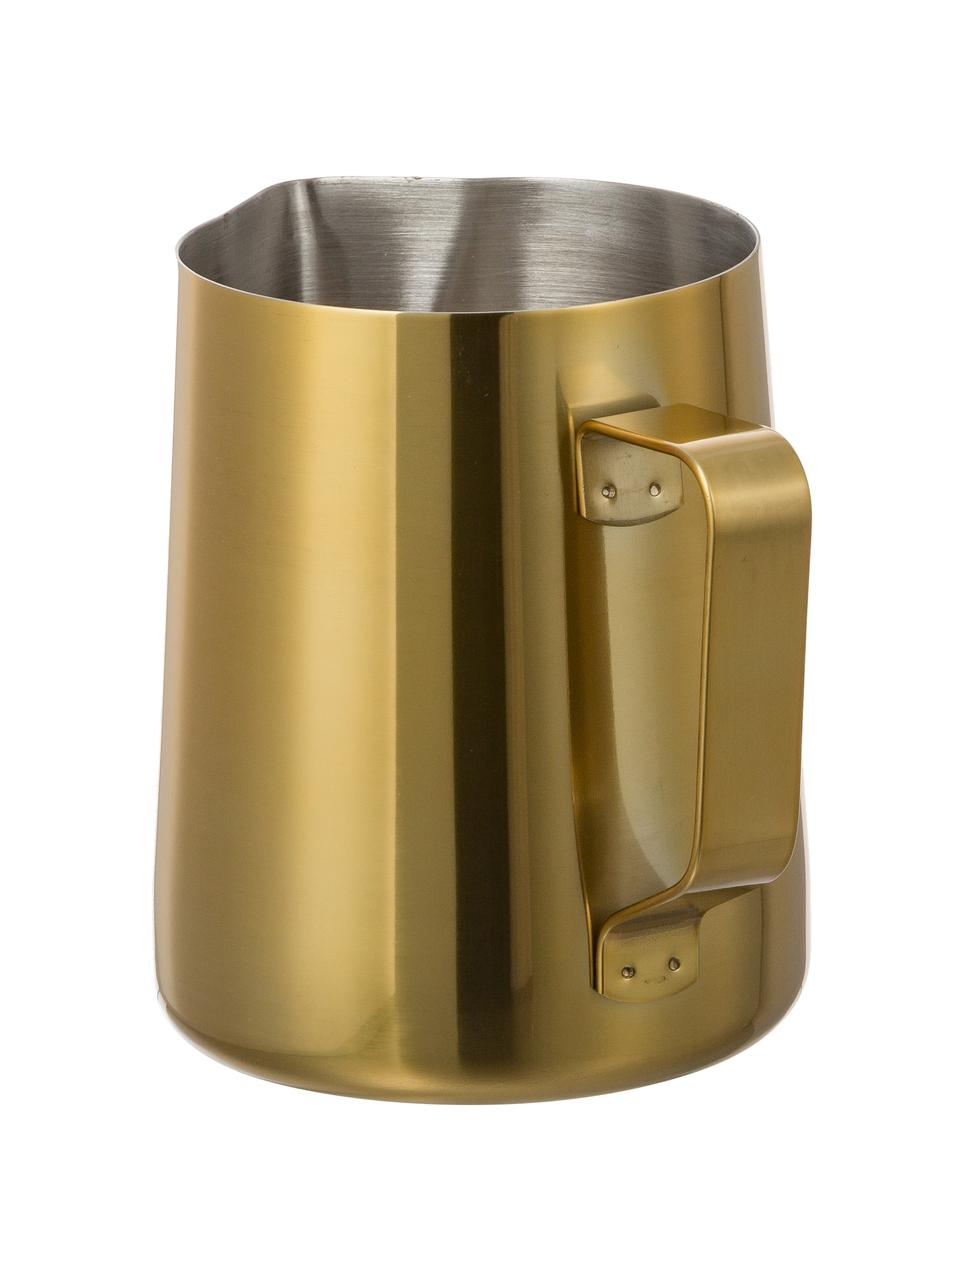 Dzbanek do mleka ze stali szlachetnej Curacao, 500 ml, Odcienie złotego, Ø 9 x W 11 cm